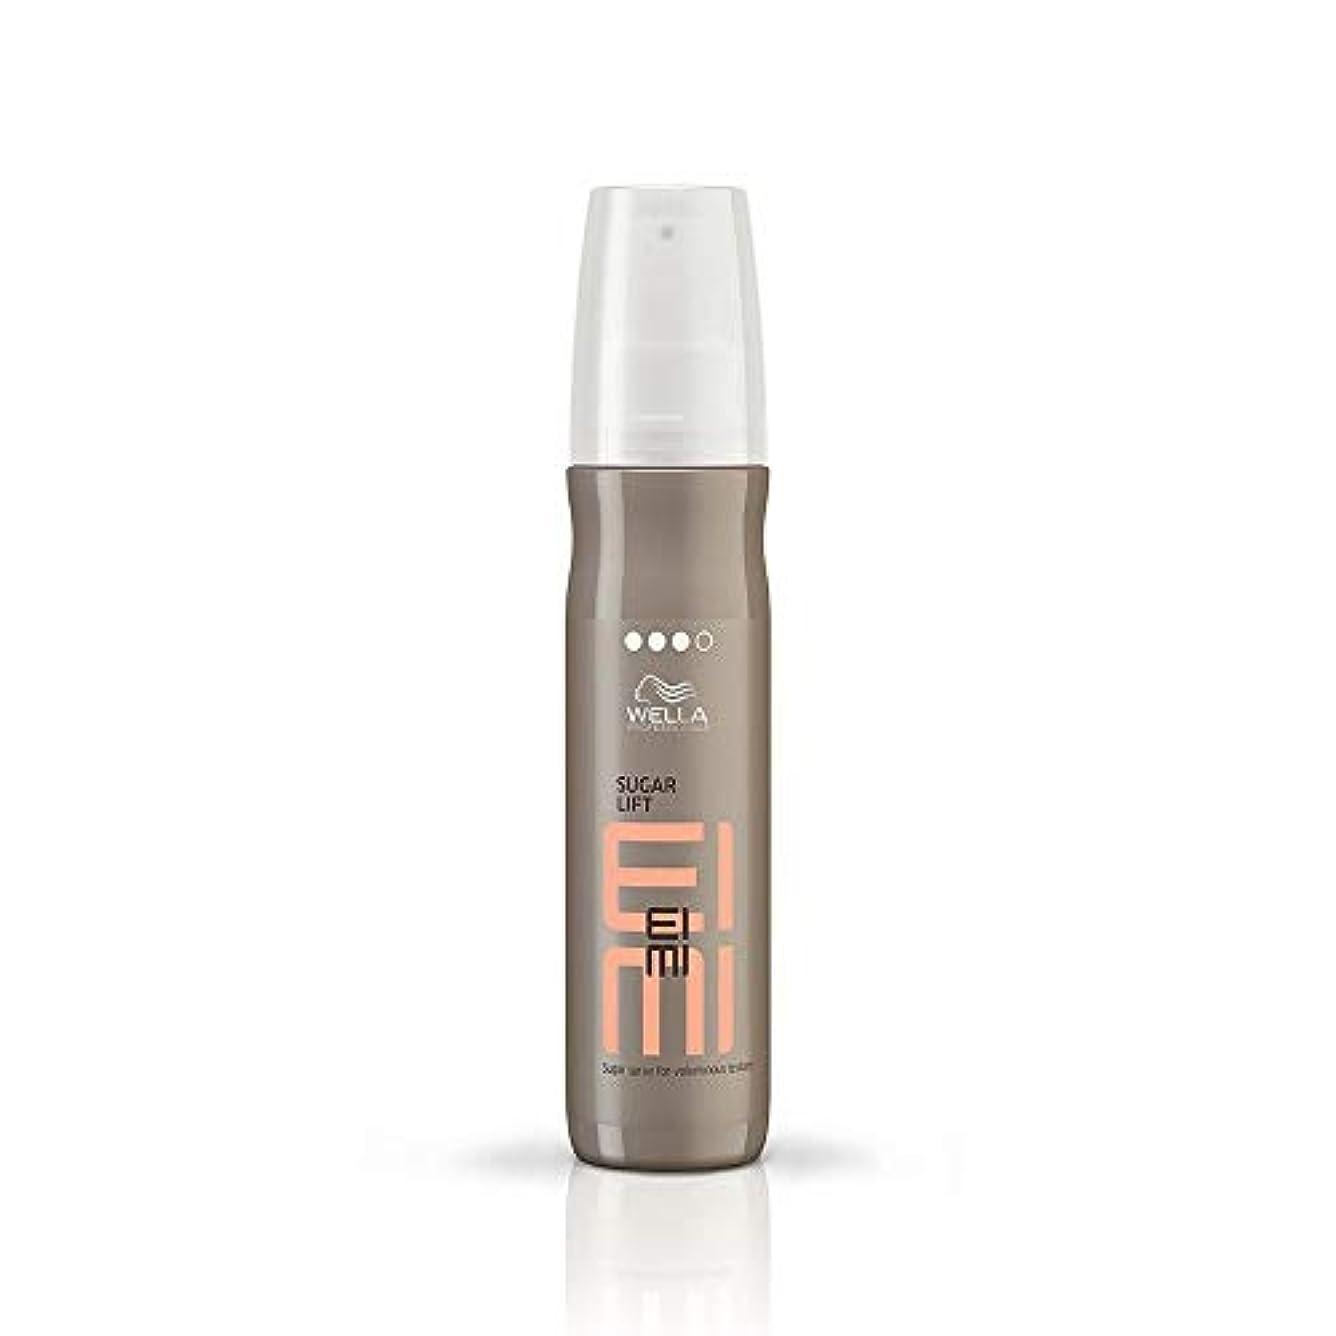 グレートオーク最終的に絶対にウエラ シュガー リフト スプレー Wella EIMI Sugar Lift Sugar Spray for Voluminous Texture 150 ml [並行輸入品]